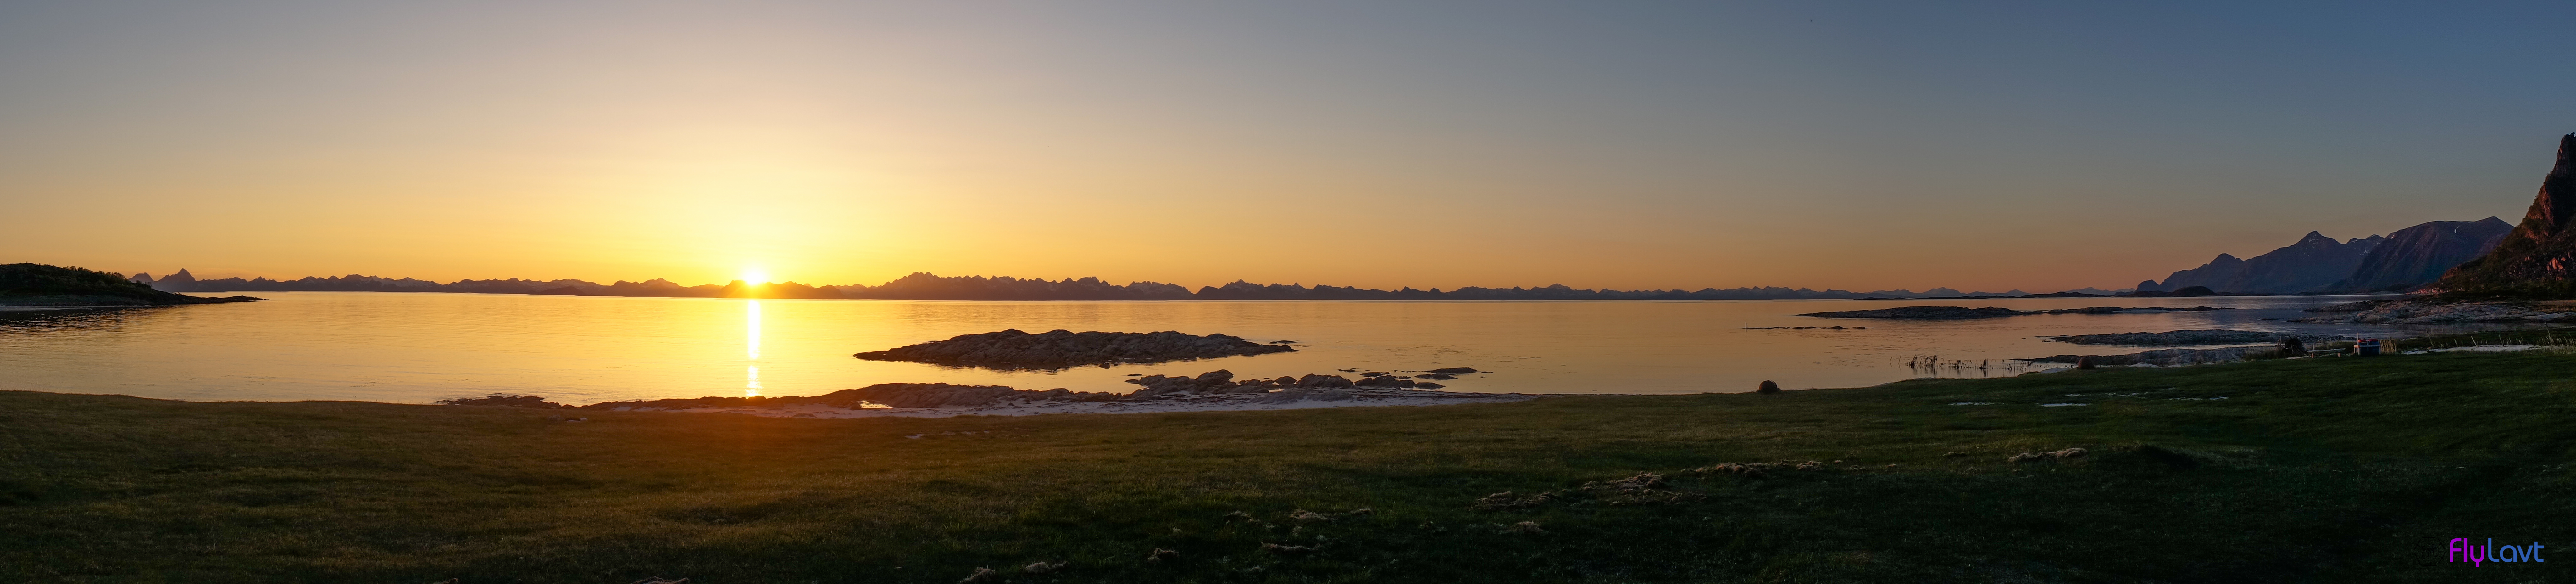 Solnedgang på bø